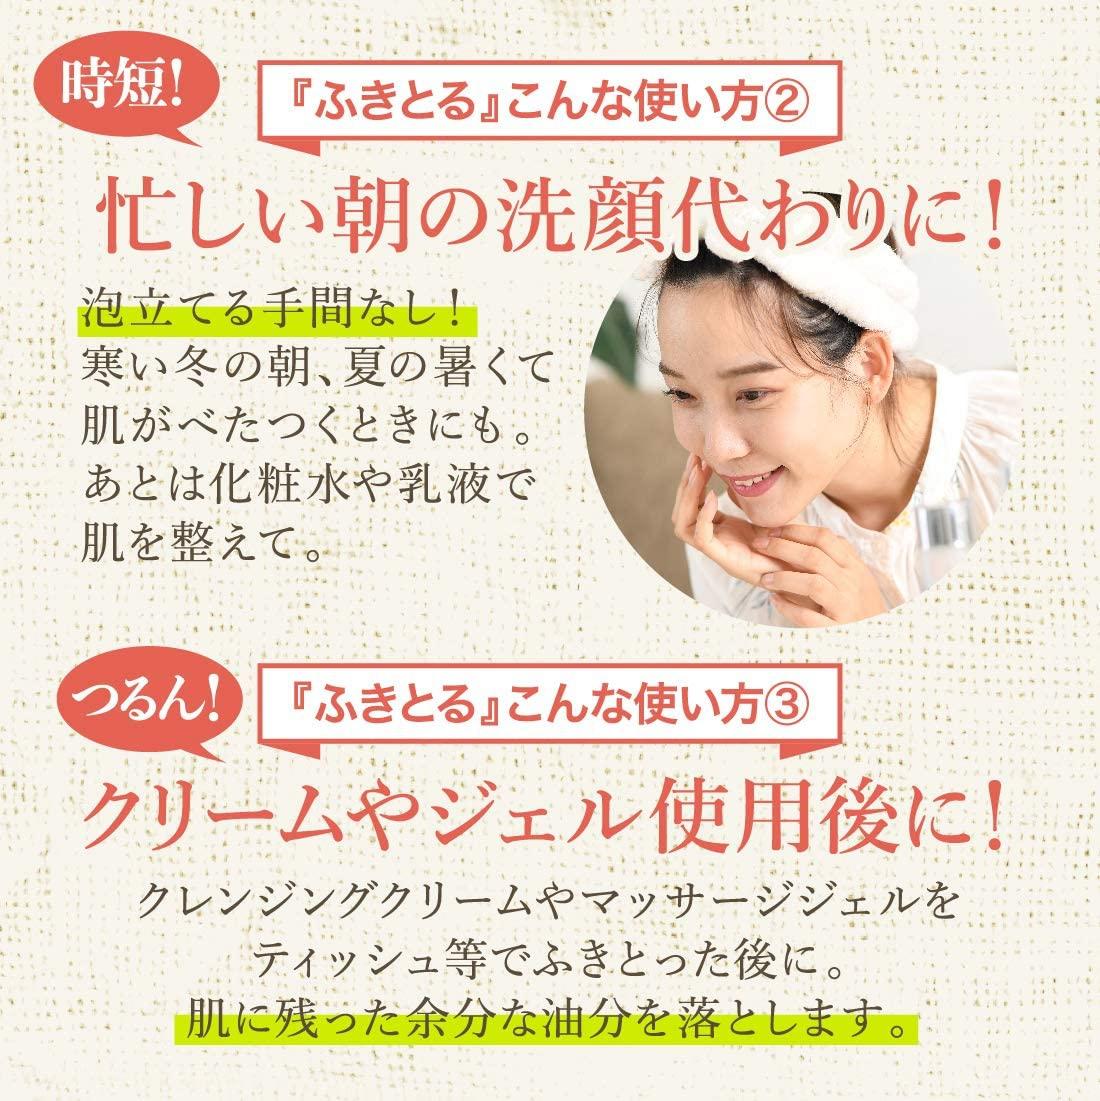 メイコー化粧品(MEIKO) ナチュラクター フレッシュローションの商品画像5